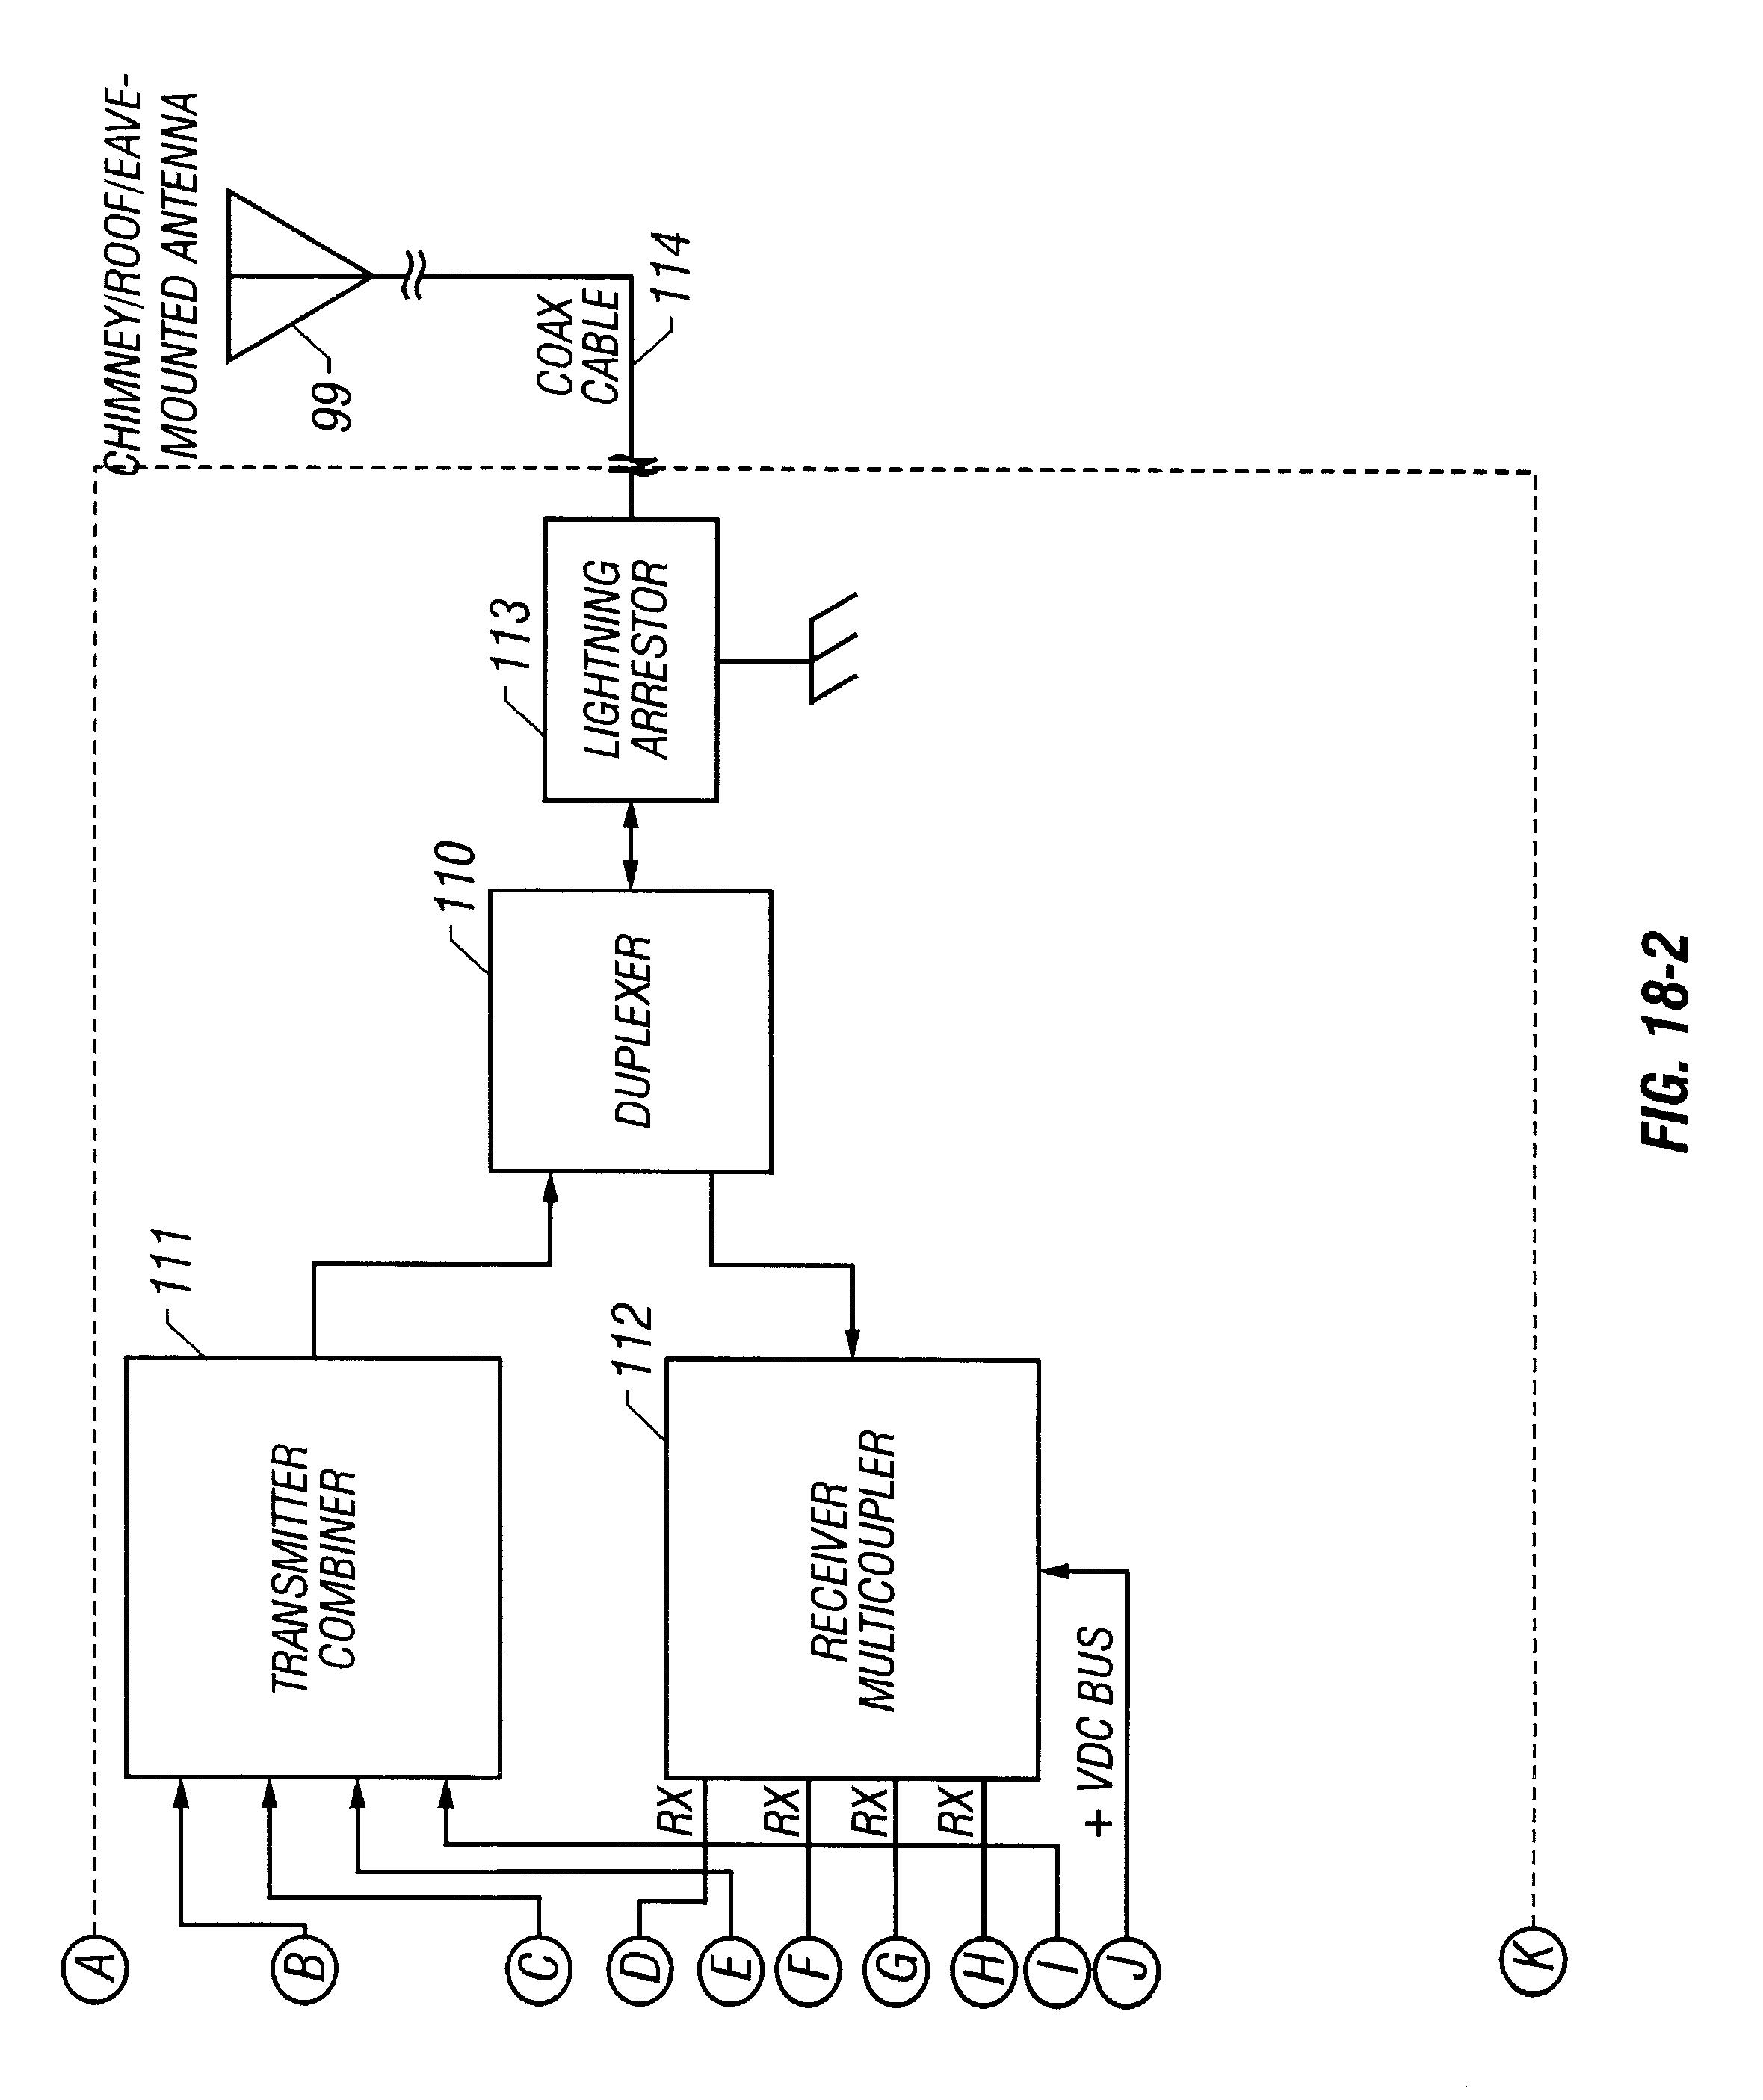 patent us6222503